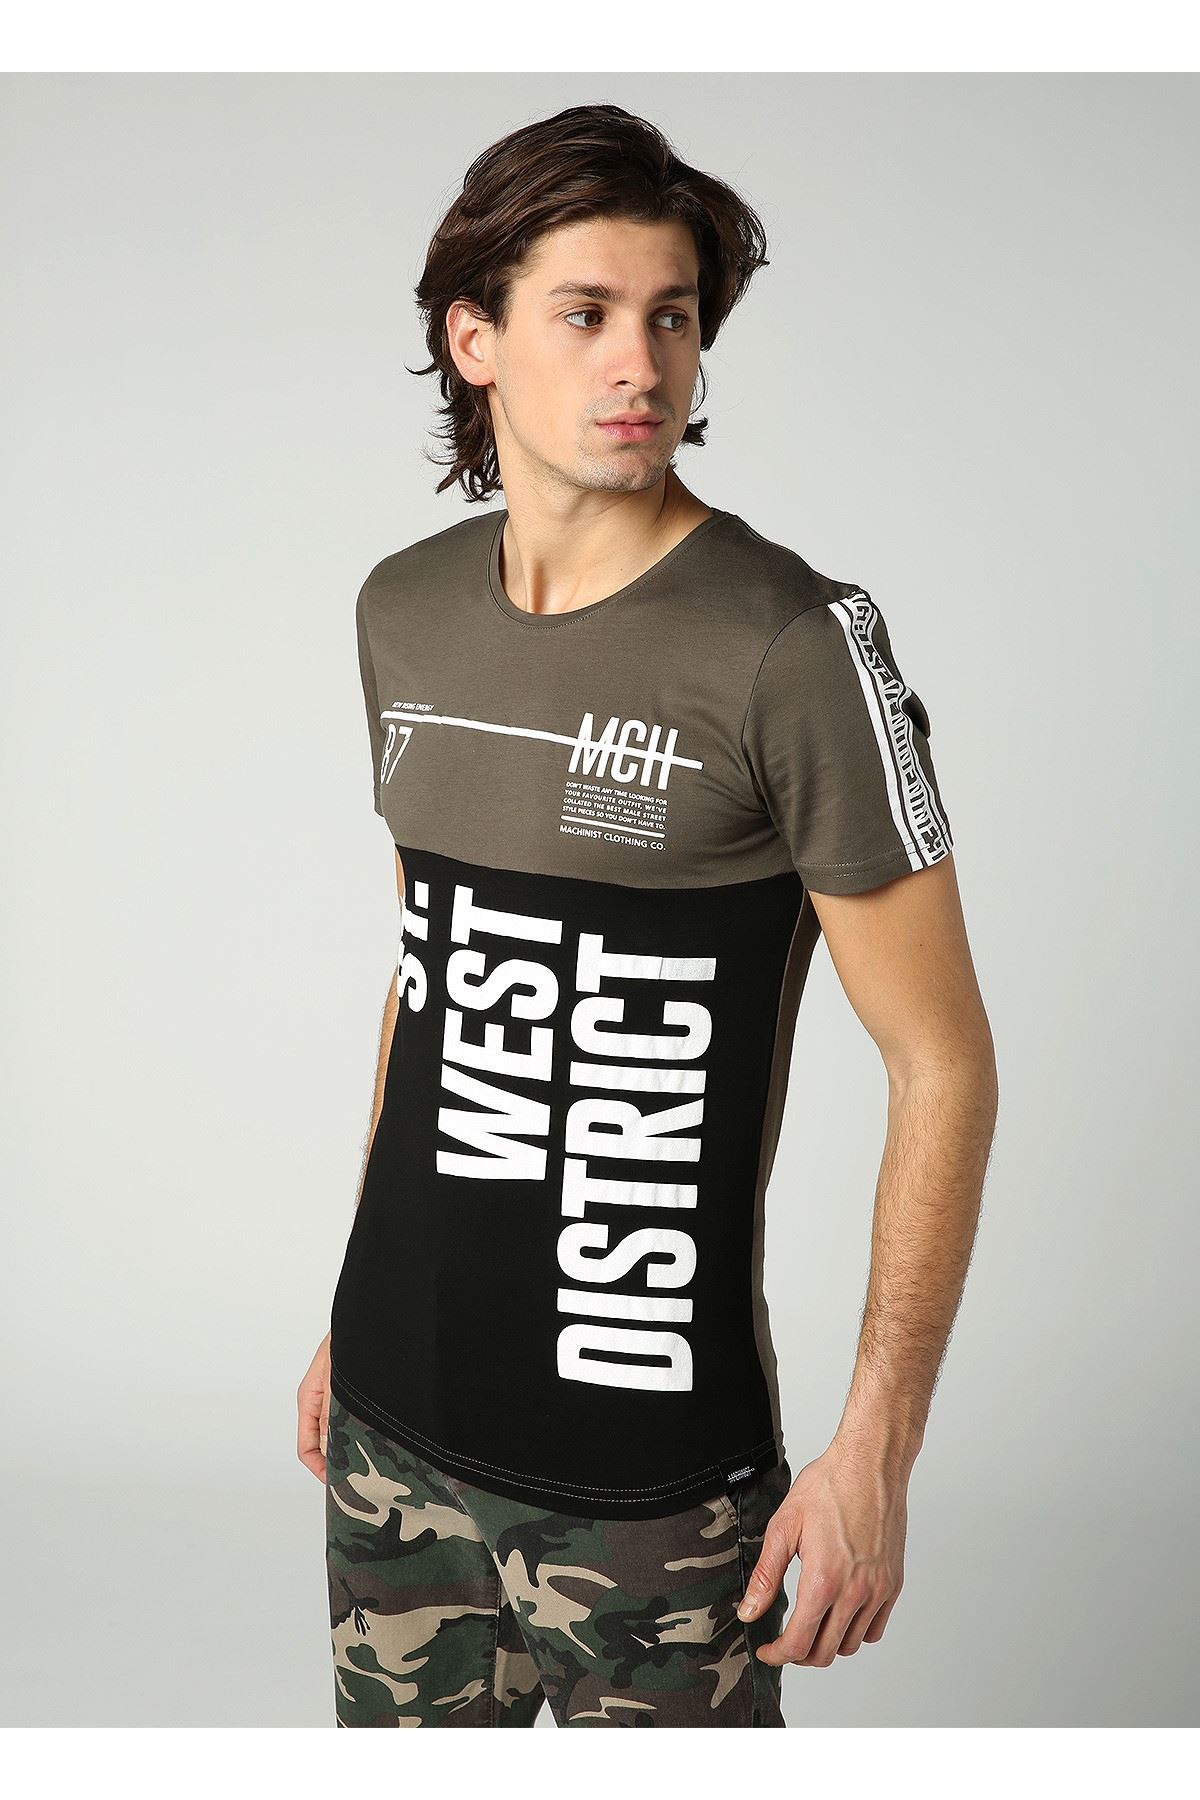 Bisiklet Yaka West Baskılı Siyah Haki Erkek T-Shirt